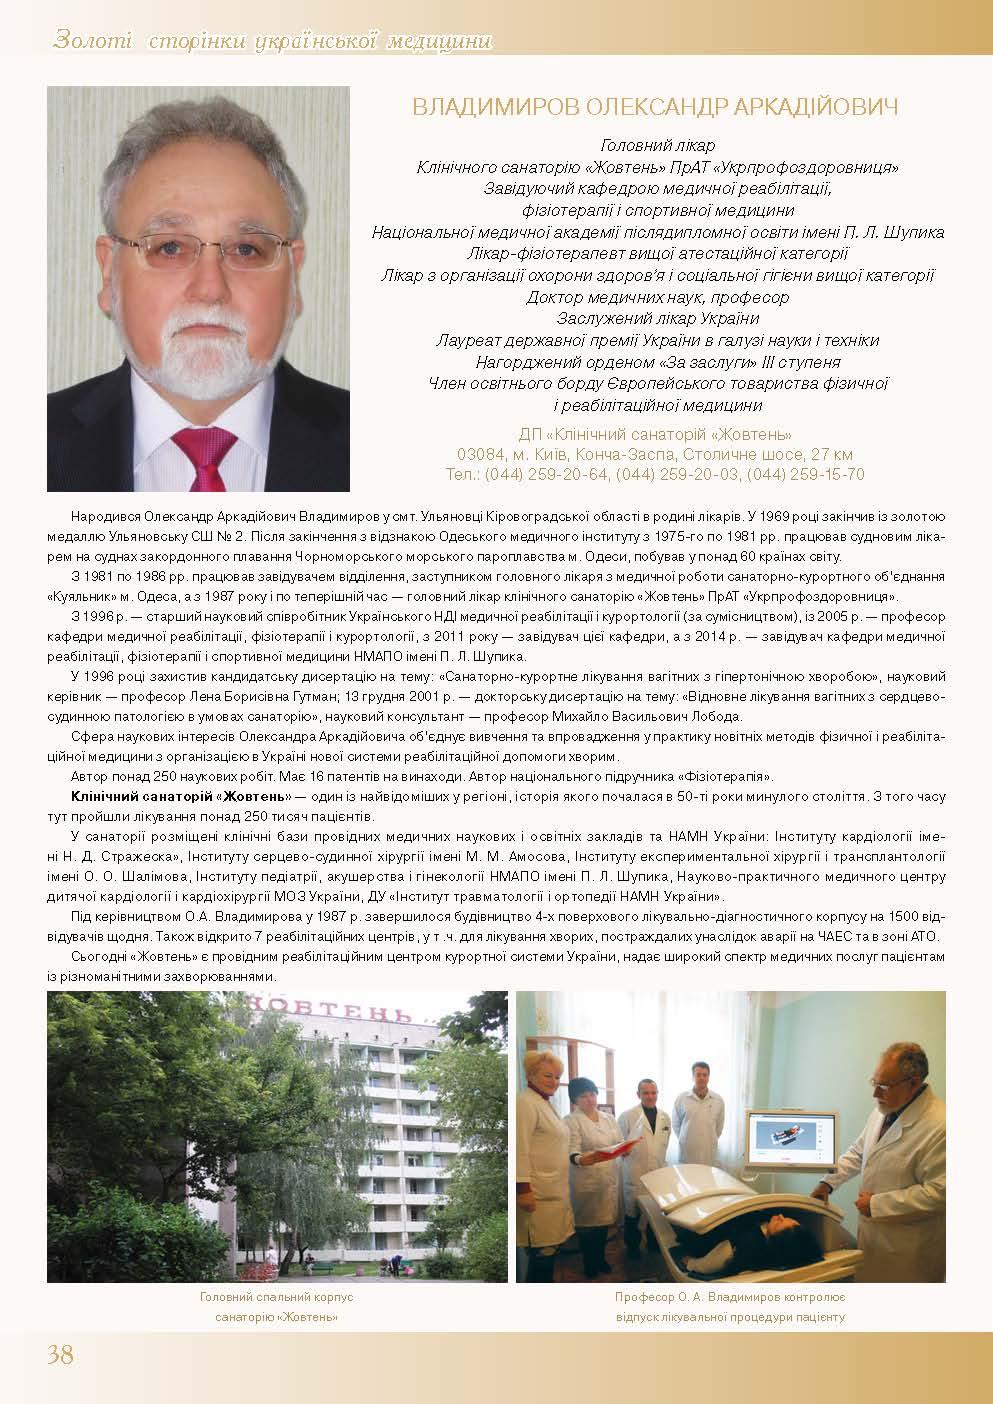 Владимиров Олександр Аркадійович